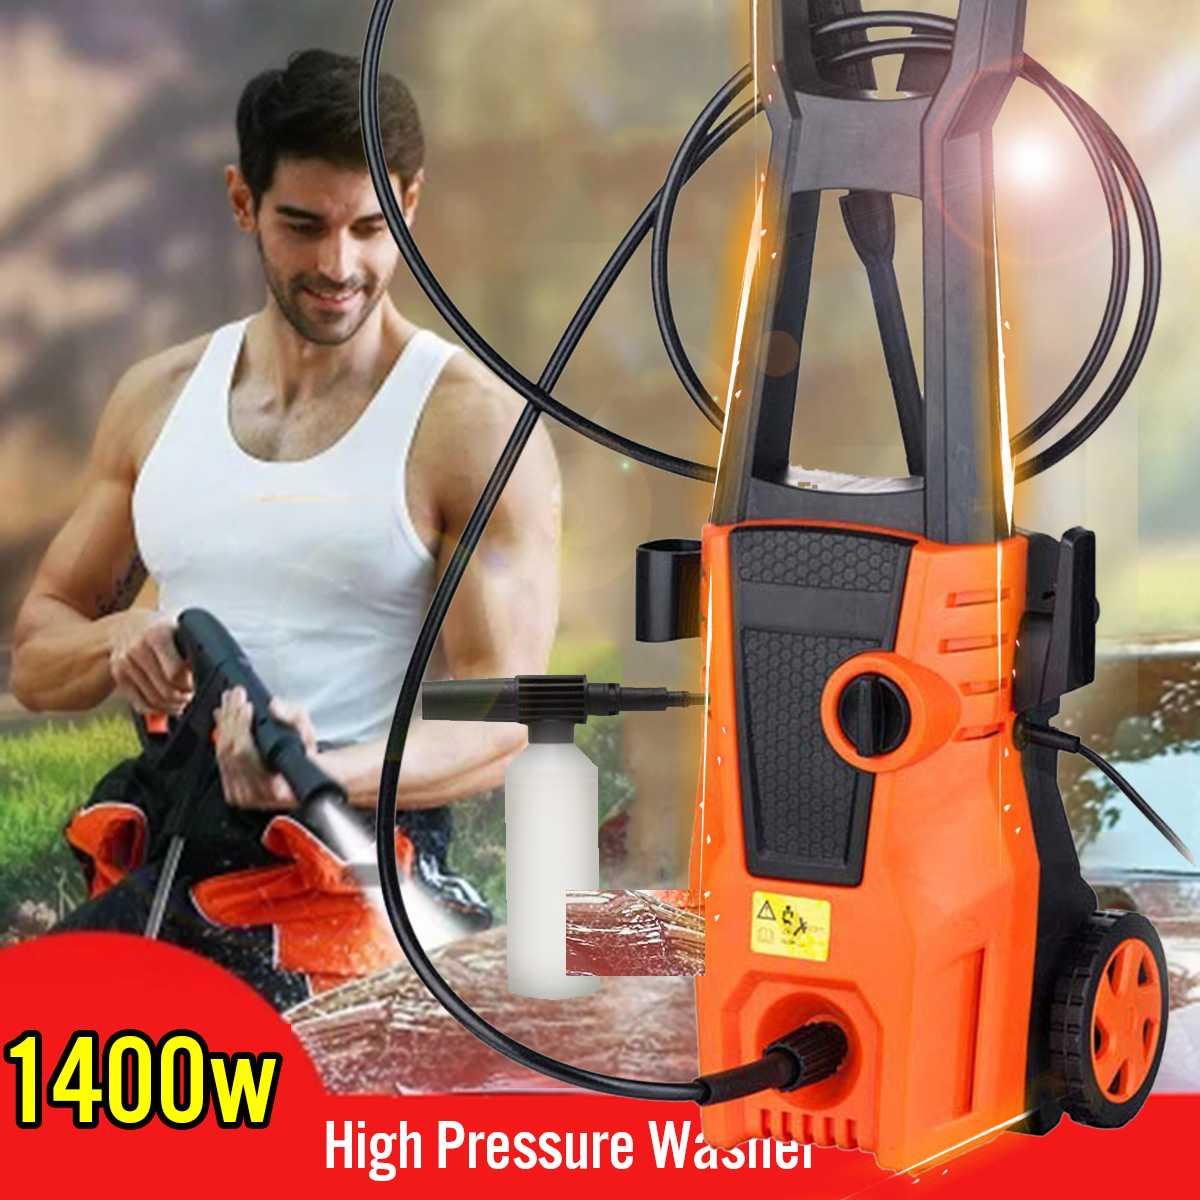 Limpador de alta Pressão máquina de Lavar Carro Auto Cuidado Turbo Mangueira de Água Pistola de Pulverização Garrafa Carro de Auto-Máquina de lavar roupa de Detergente 1400 w Novo